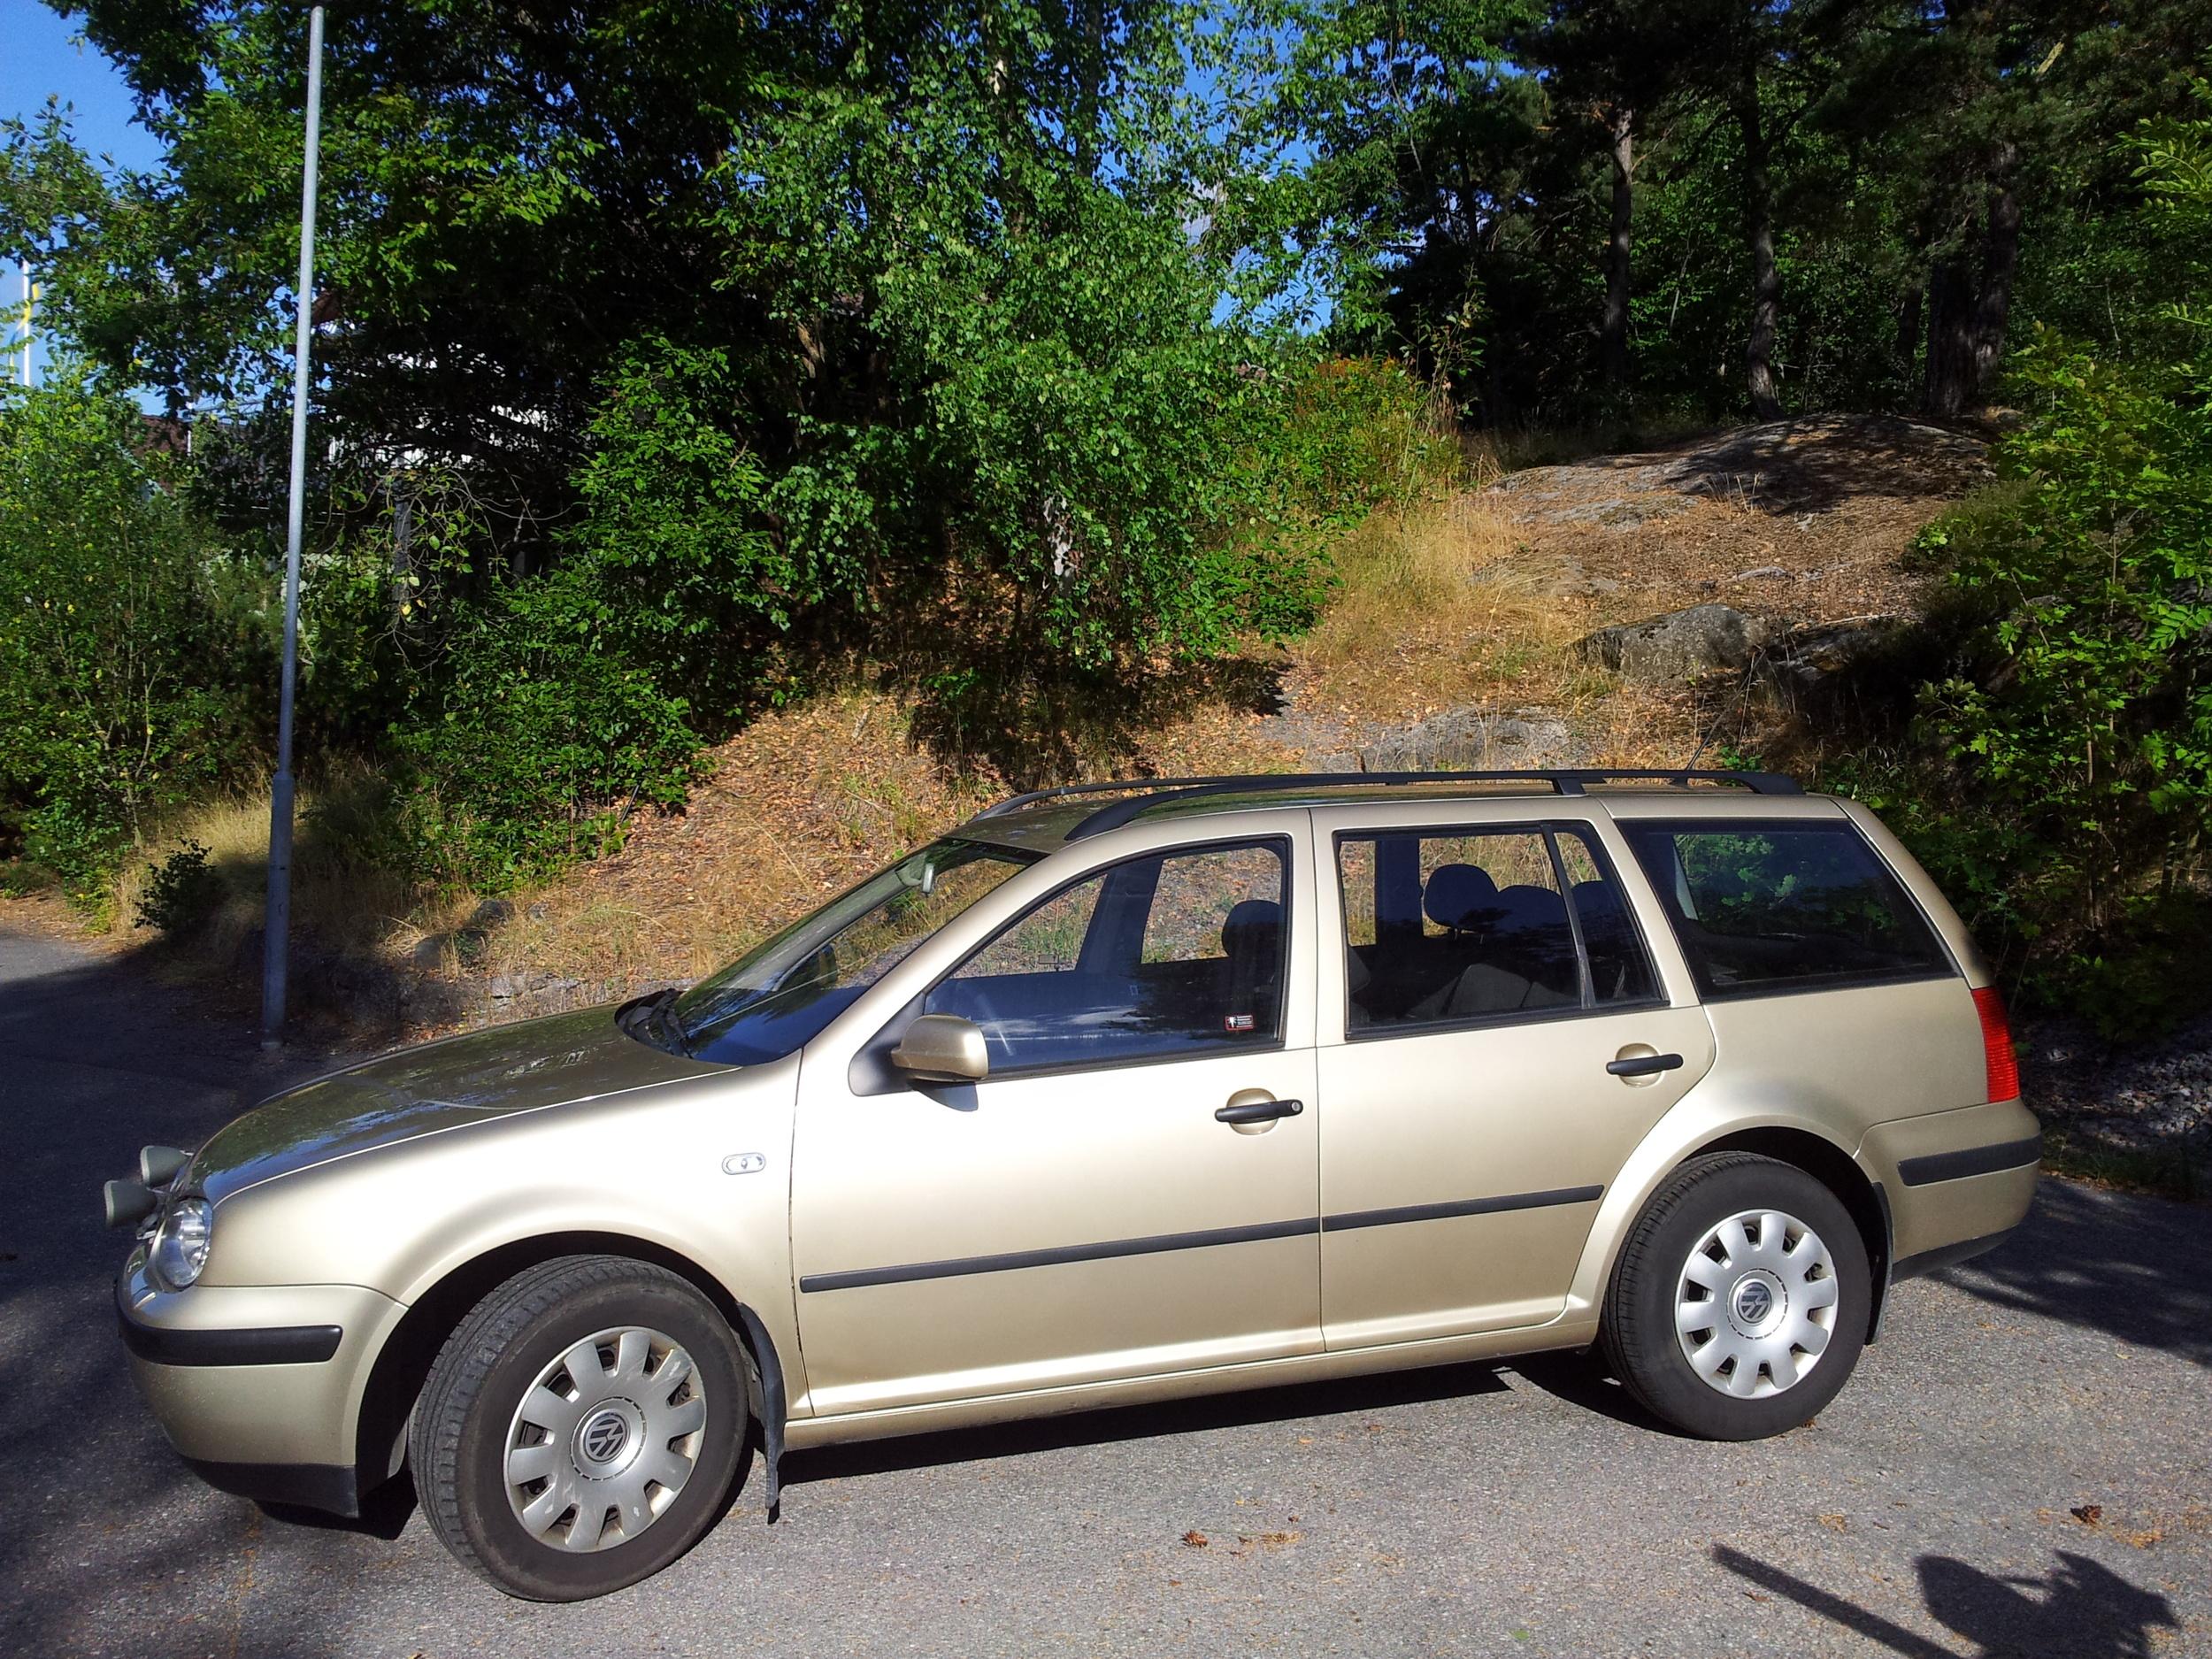 Johan som är polis i Dalarna och är bra på att pruta köpte en bil åt mig på en bilfirma i Mora. Det blev en Golf som funkade alldeles utmärkt. Här är min sista bild på bilen efter åtta års användning. Den hade då gått 29 000 mil.